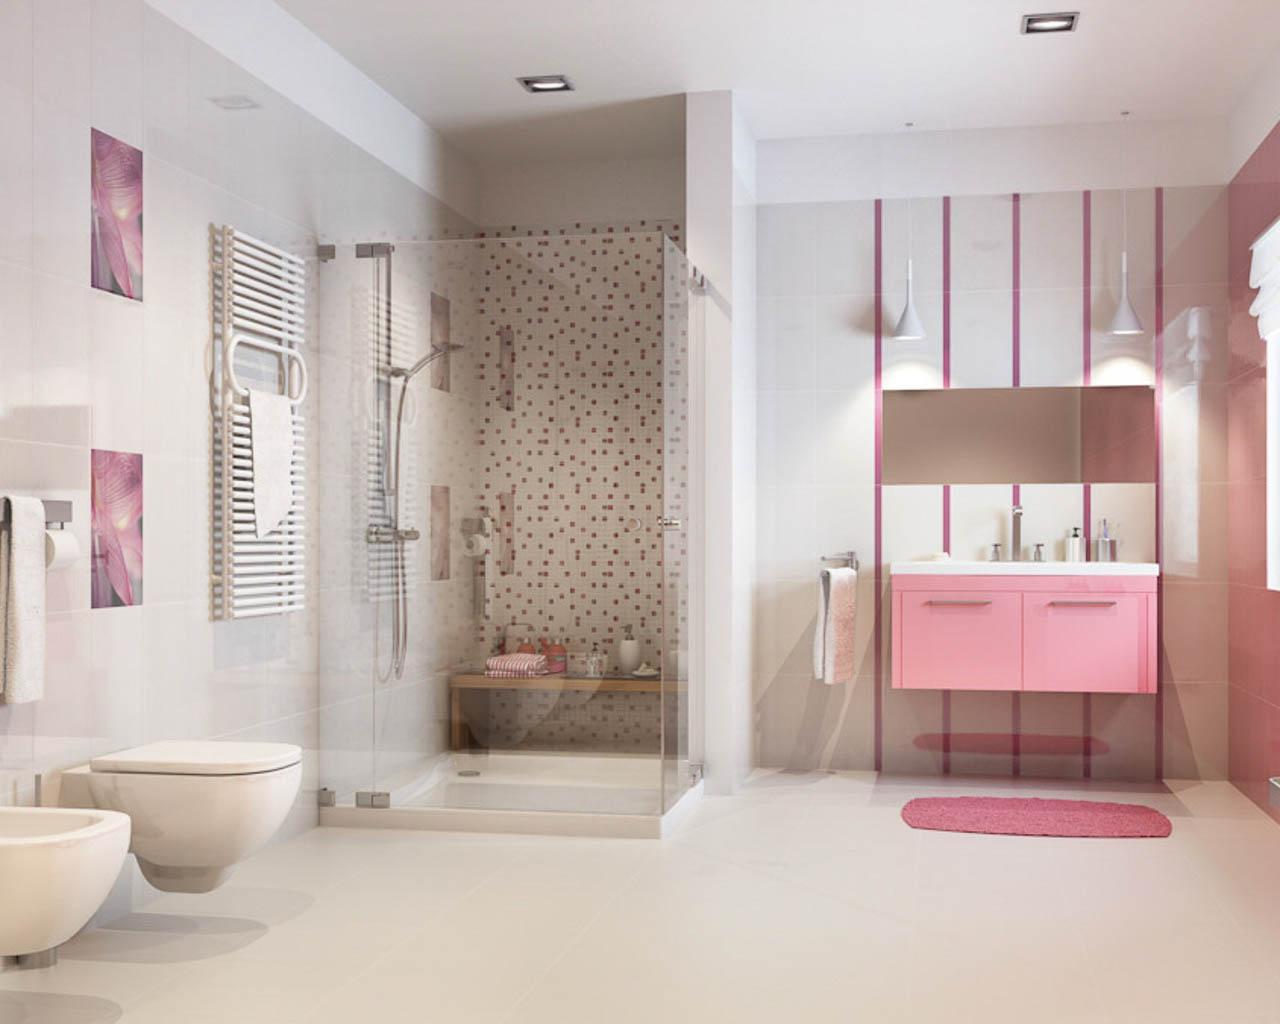 Przestronna łazienka w odcieniach różu i bieli